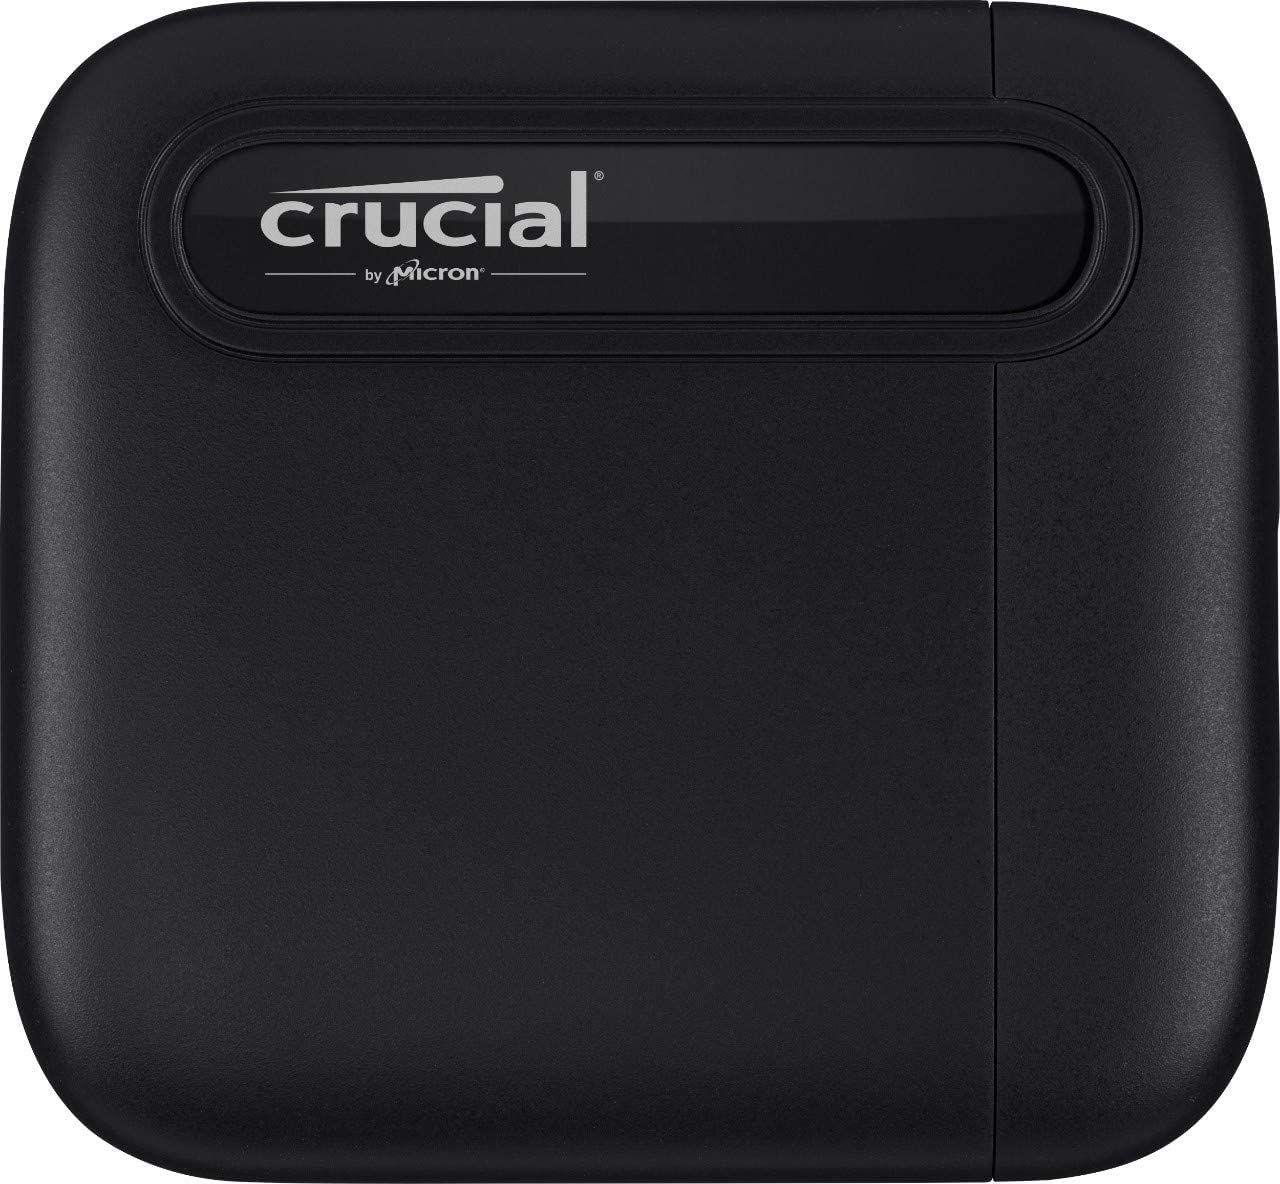 Crucial X6 1TB Externe SSD Zwart